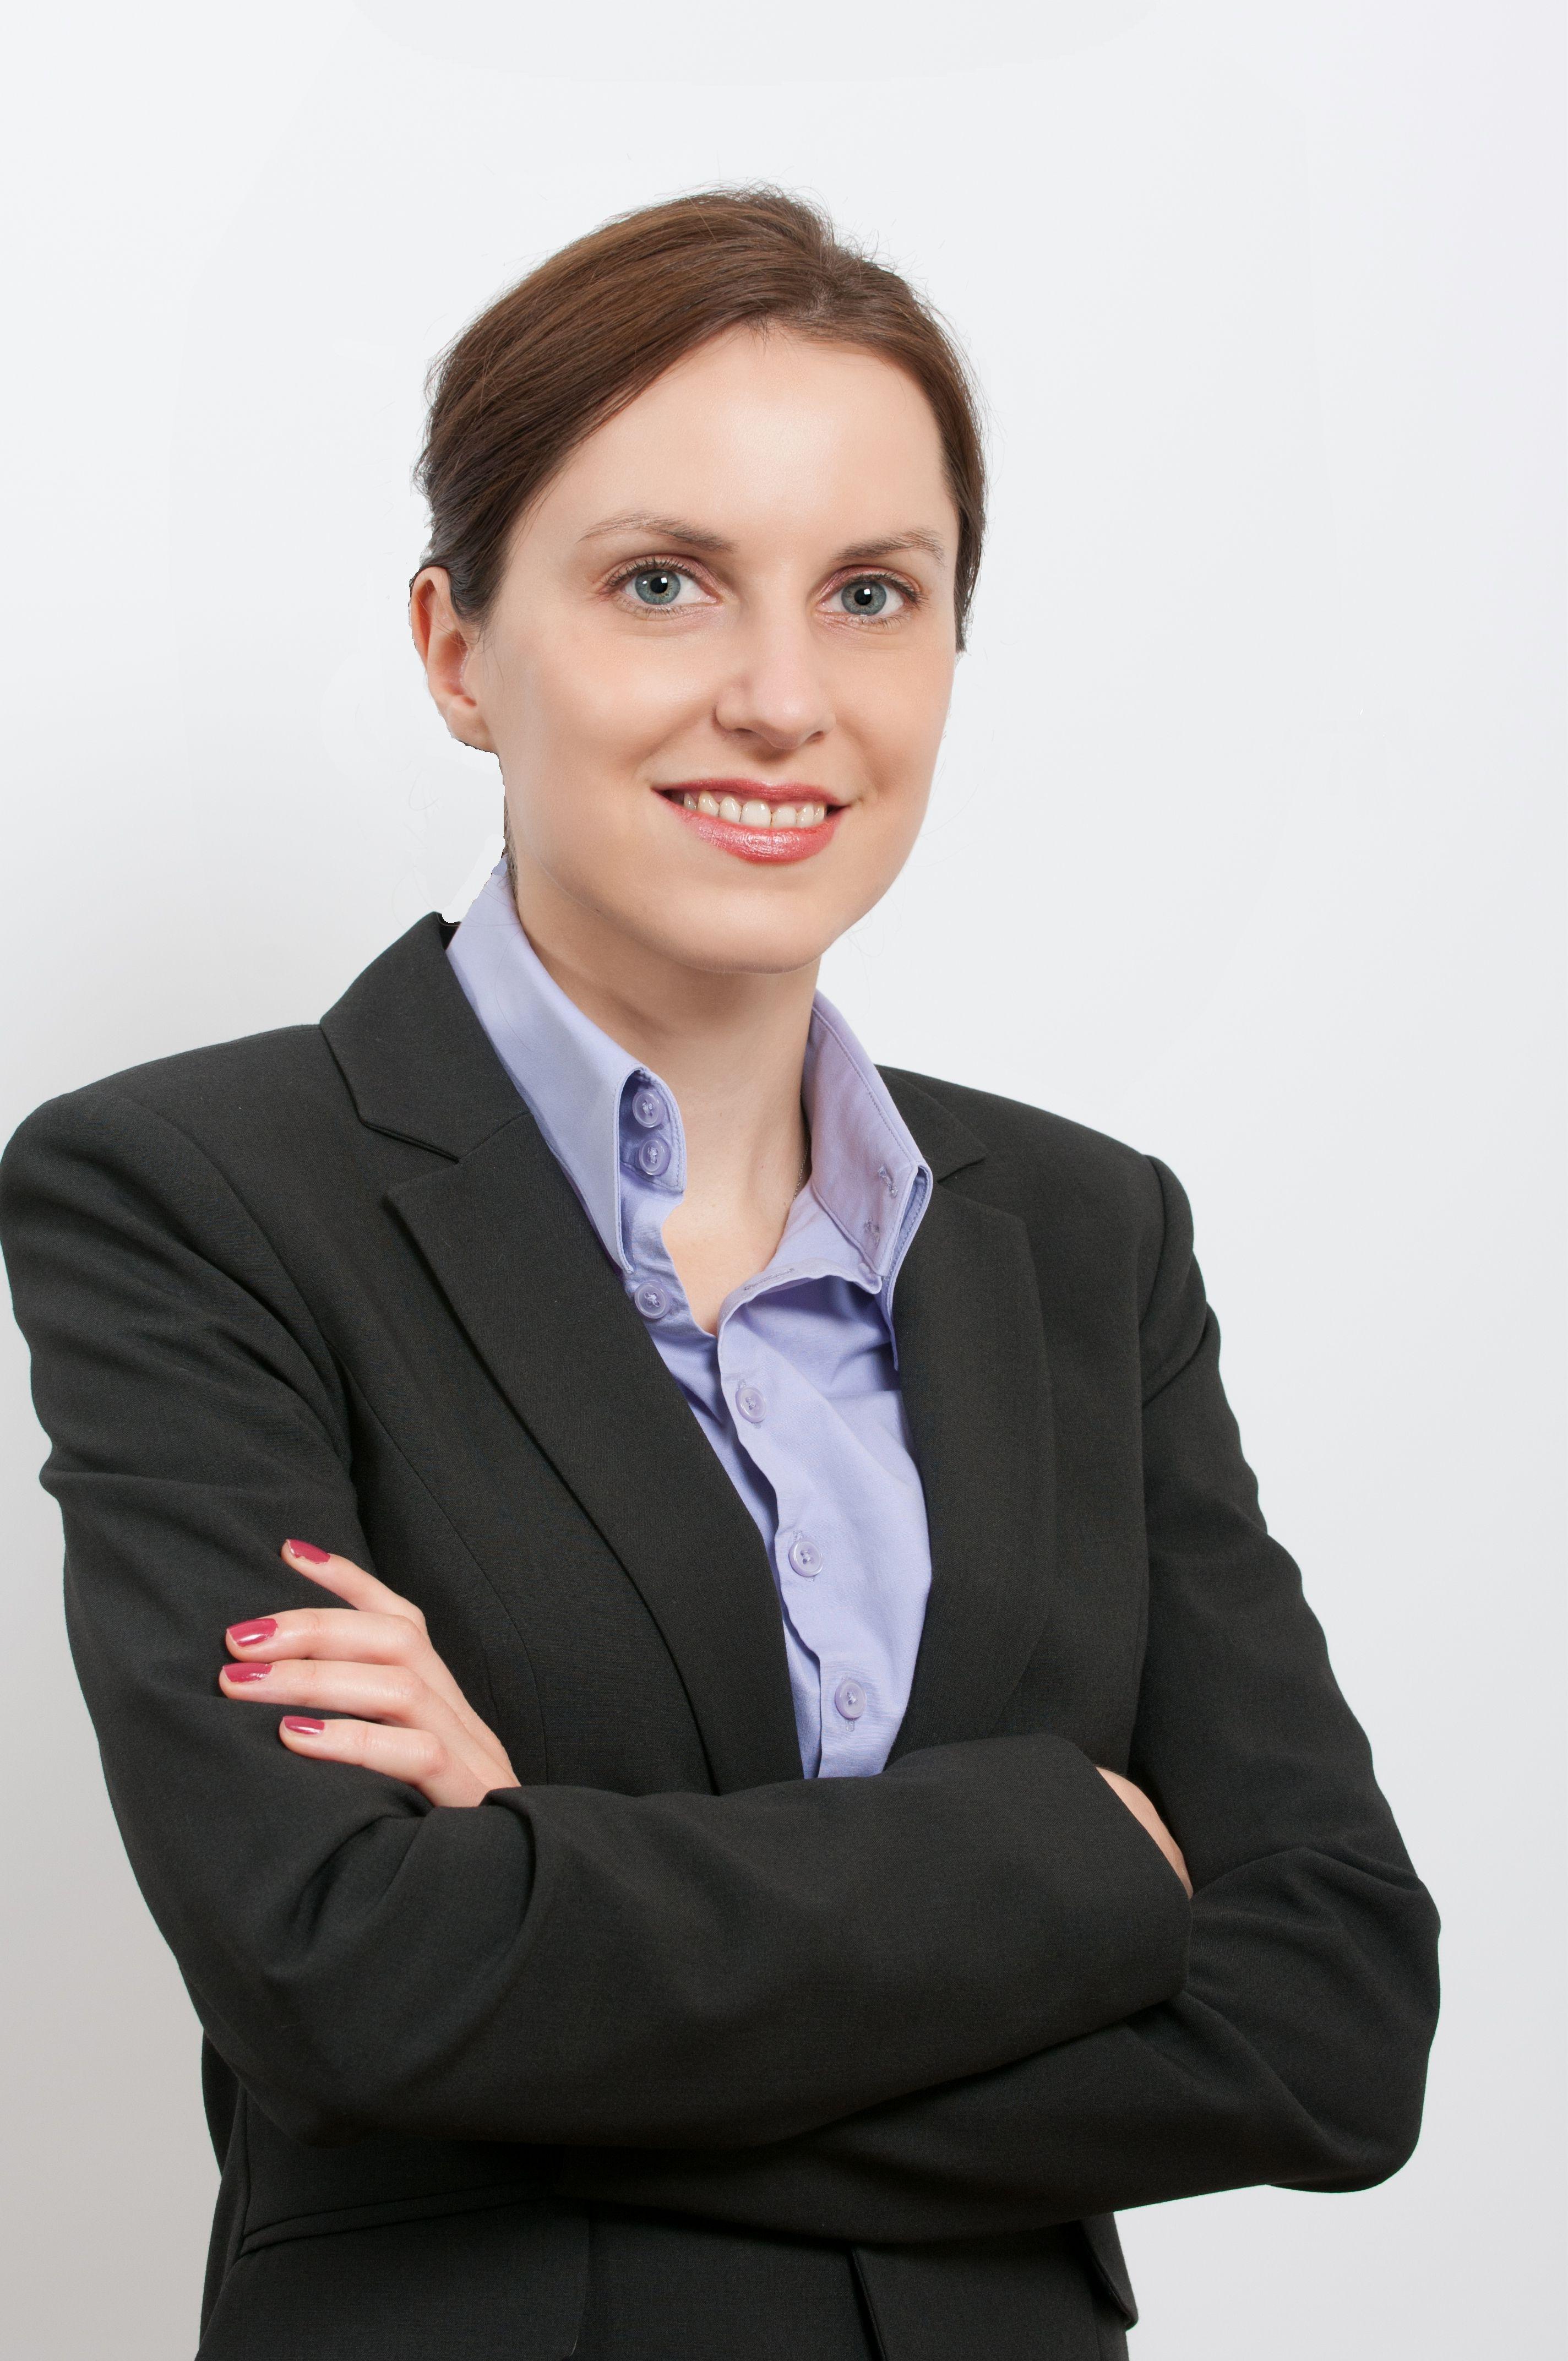 Ioana Hockl